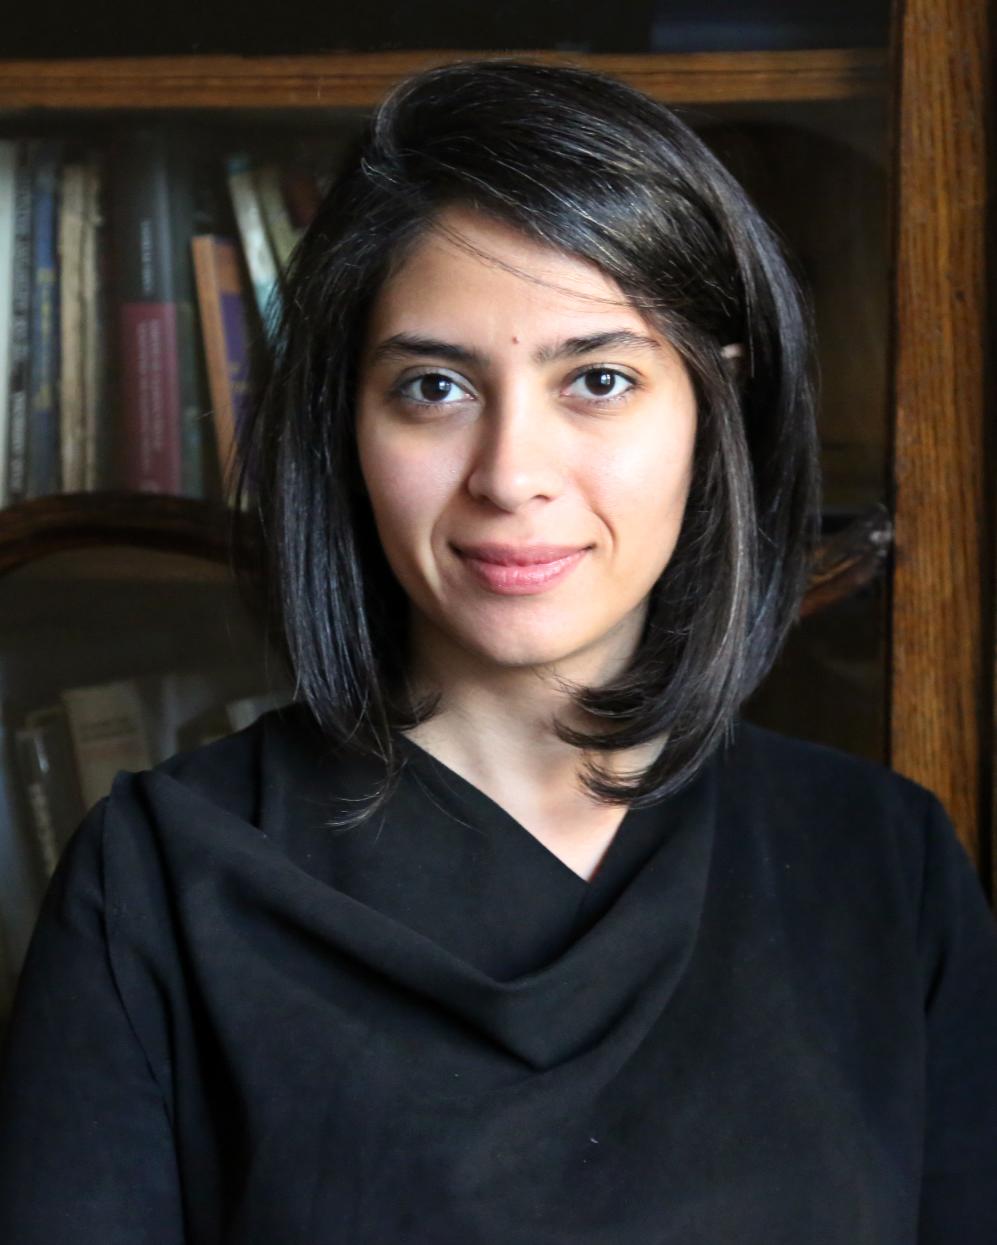 Ioanida Costache